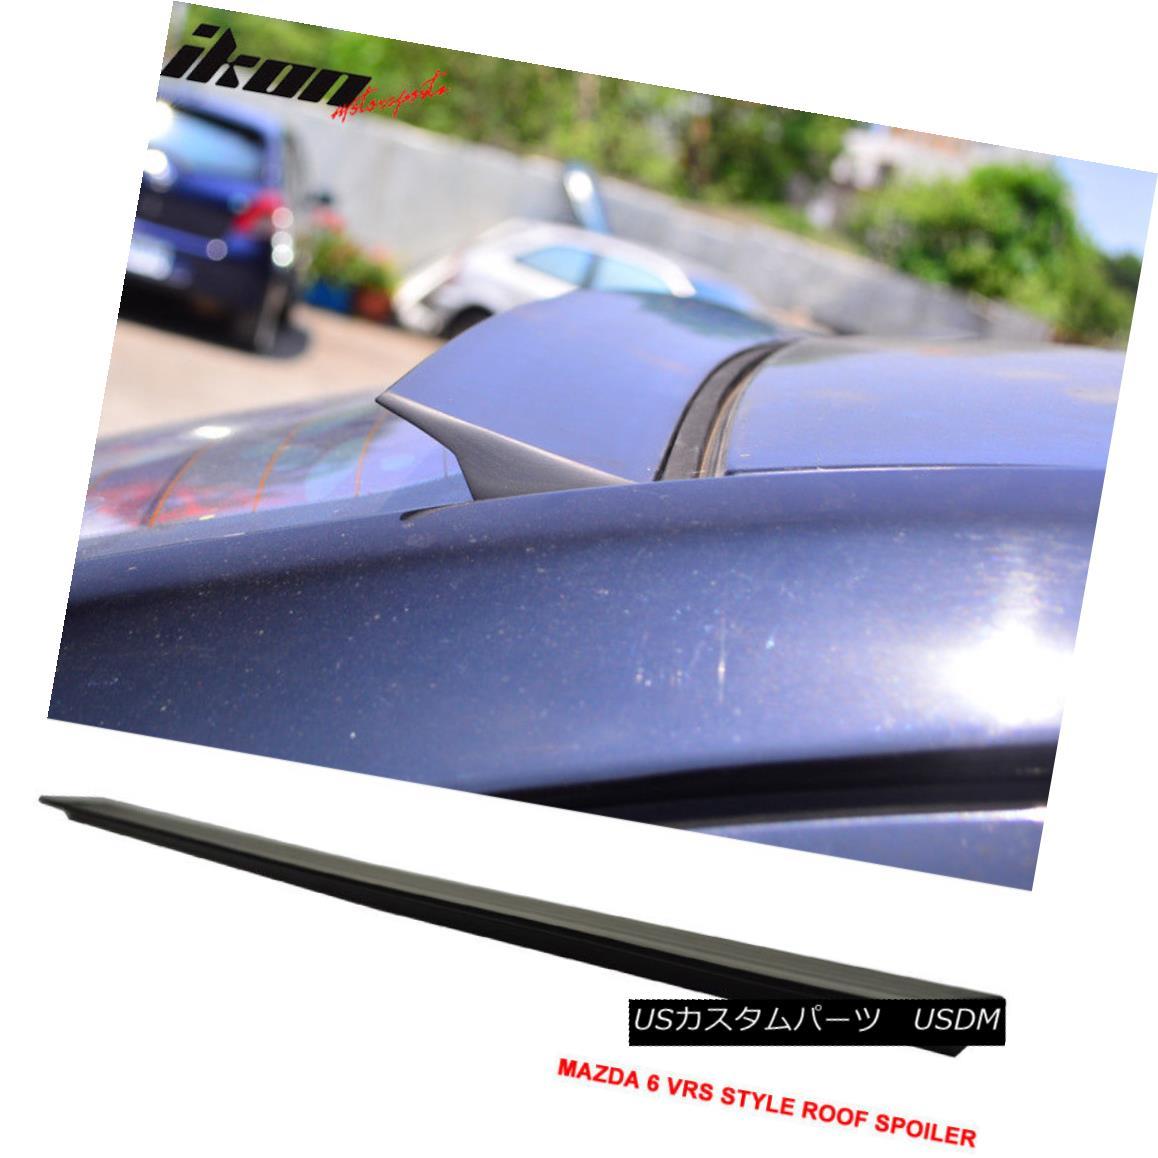 エアロパーツ For 14-16 Mazda 6 3nd VRS Style Roof Spoiler Wing Unpainted - PUF 14-16マツダ6 3ND VRSスタイルルーフスポイラーウイング無塗装 - PUF